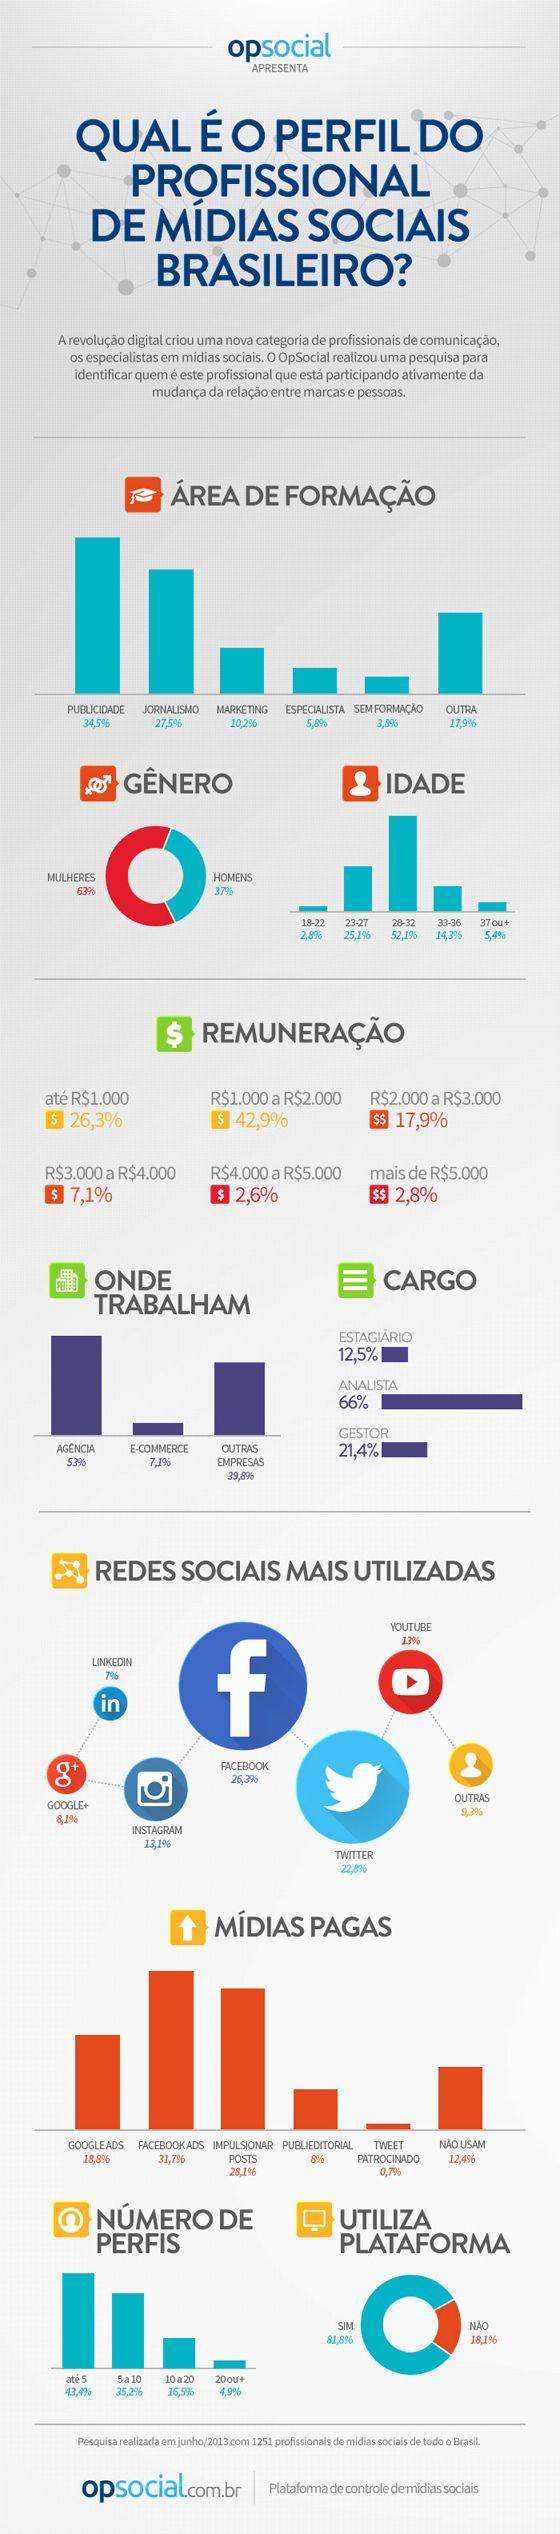 Infográfico: o perfil dos profissionais de mídia social no mercado brasileiro